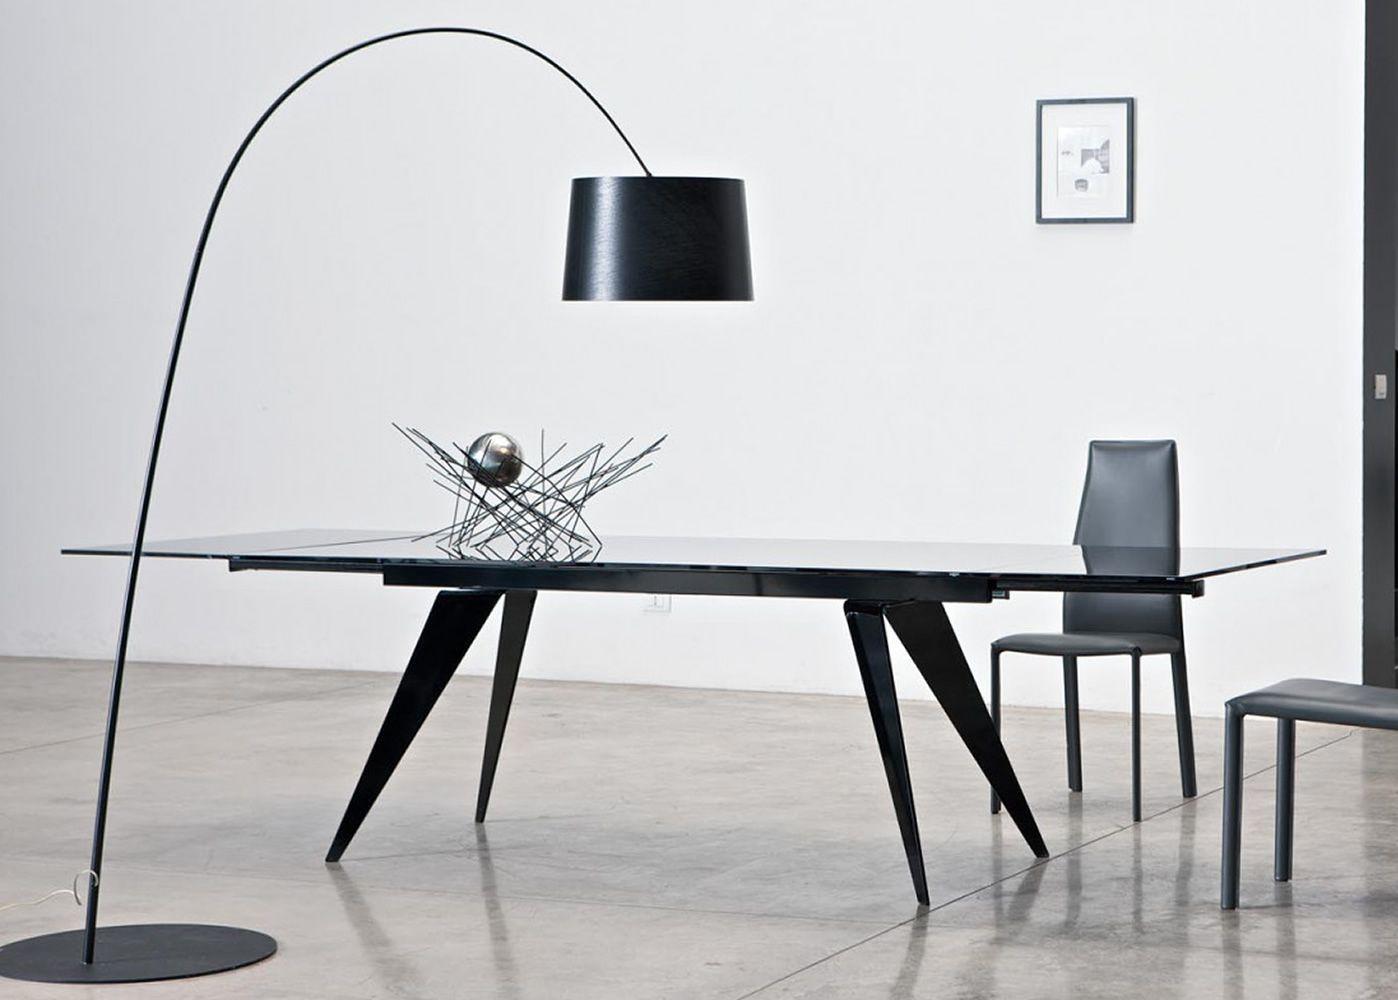 Ramos ext tavolo di design di bontempi casa in metallo for Tavolo di design in metallo